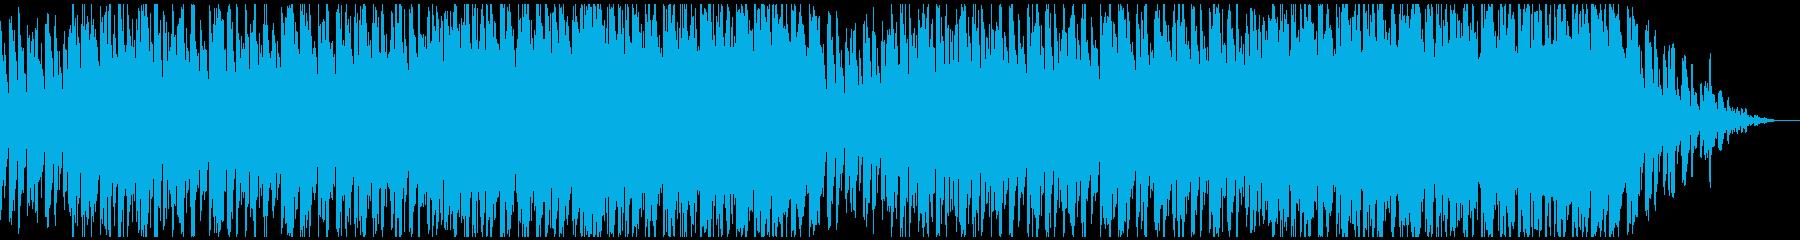 宇宙ぽいシューティング向けBGMの再生済みの波形